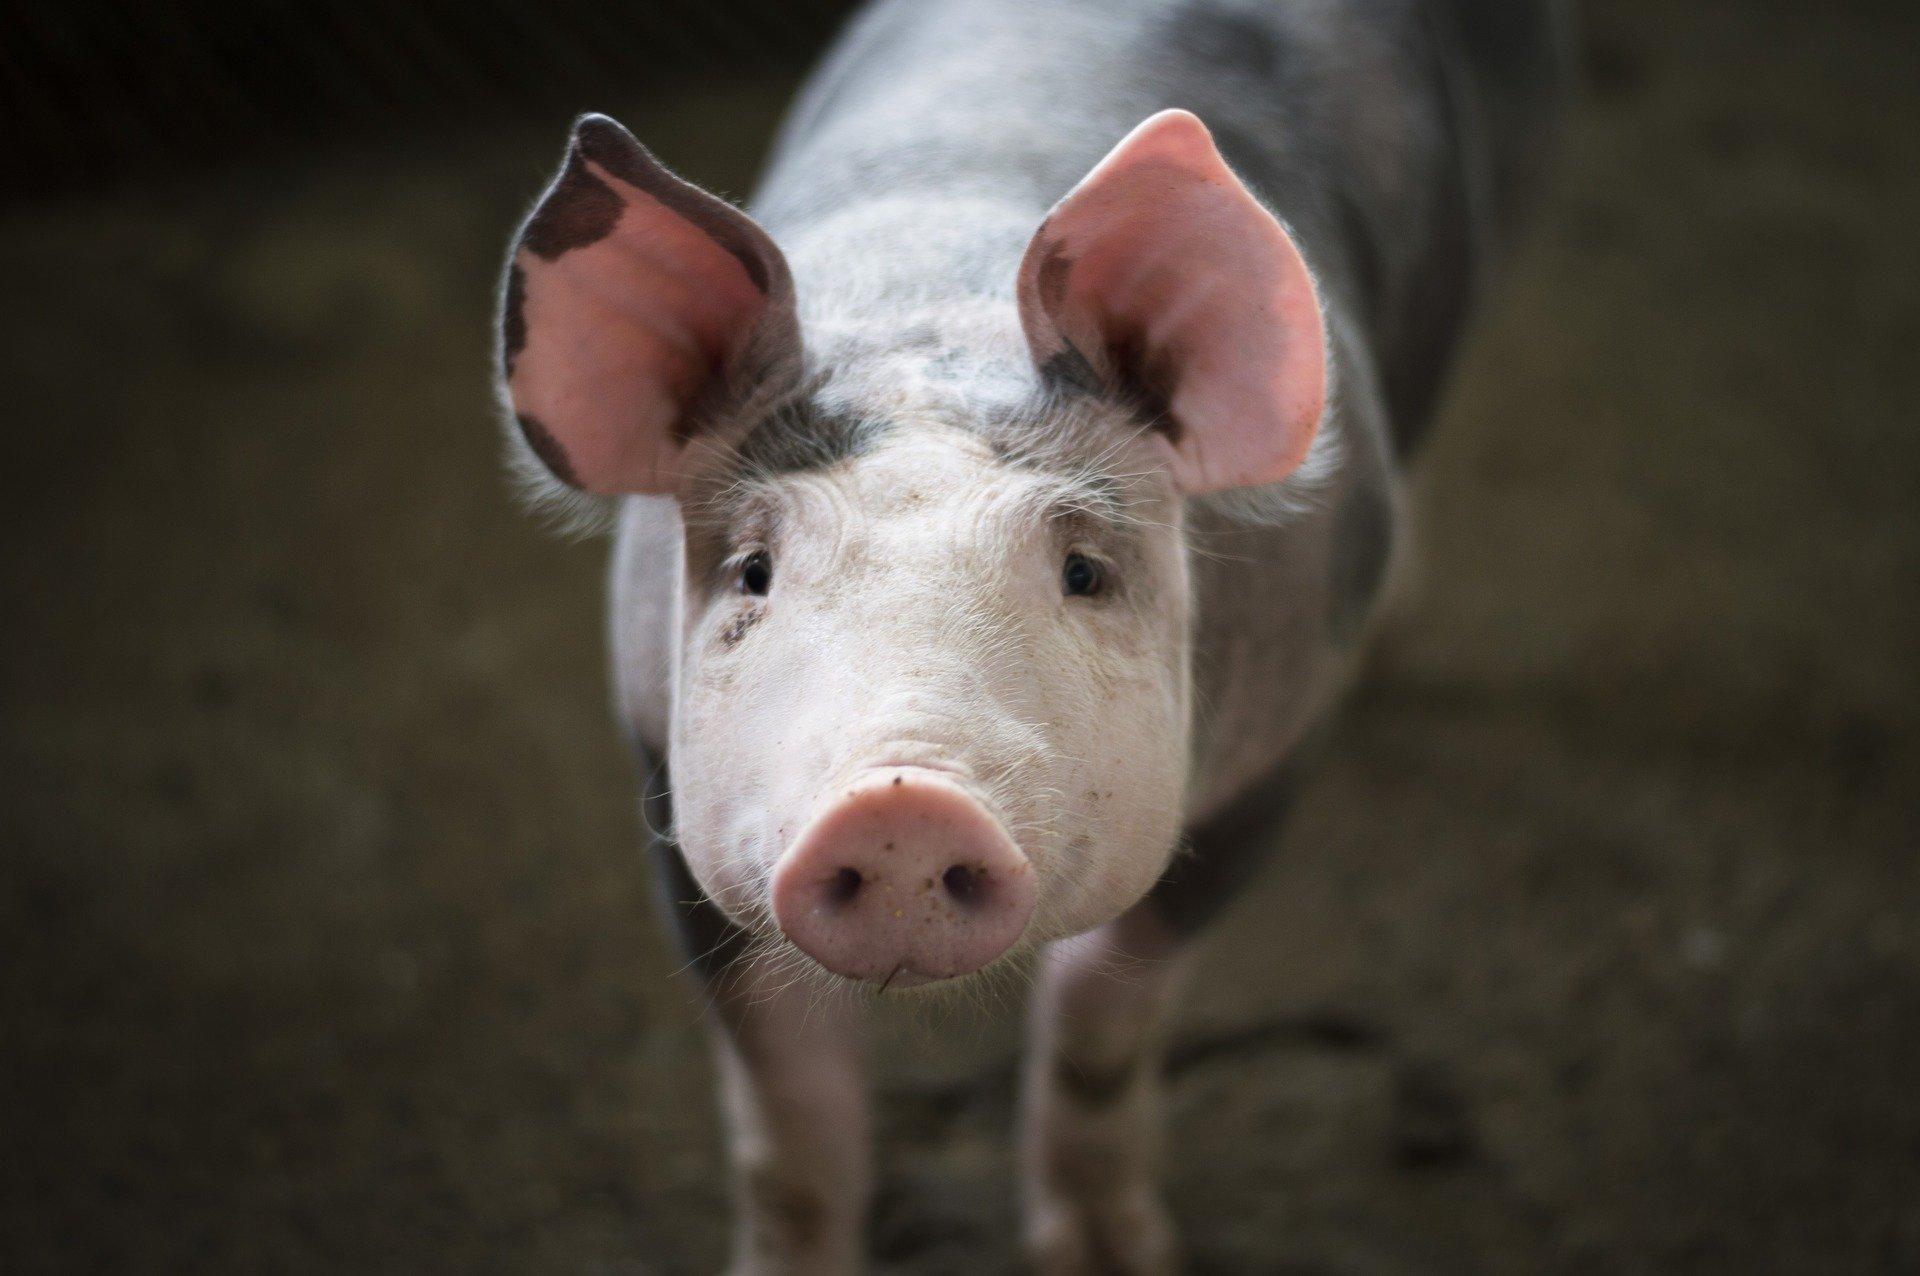 Petit cochon - Porcin - Porc - Mignion - vente à la ferme cochon - Ferme mayenne - Chailland